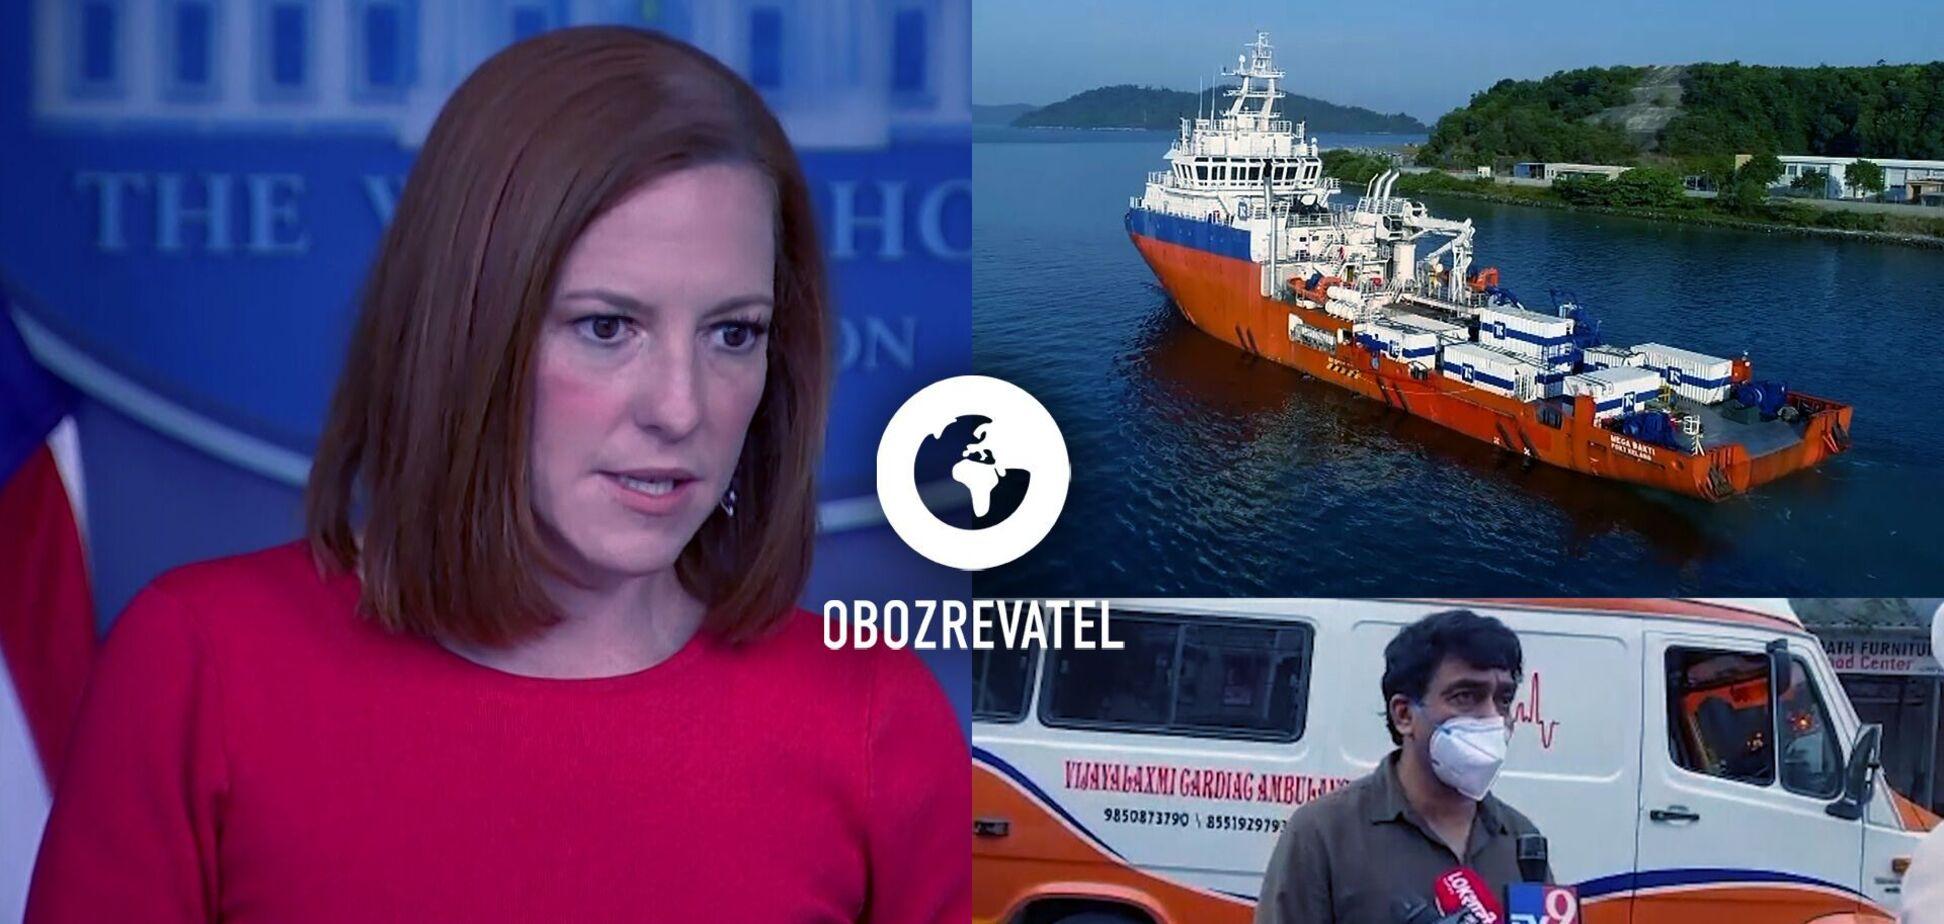 Новые возможные санкции США против РФ, пожар в индийской больнице и поиски пропавшей в водах Индонезии субмарины – дайджест международных событий